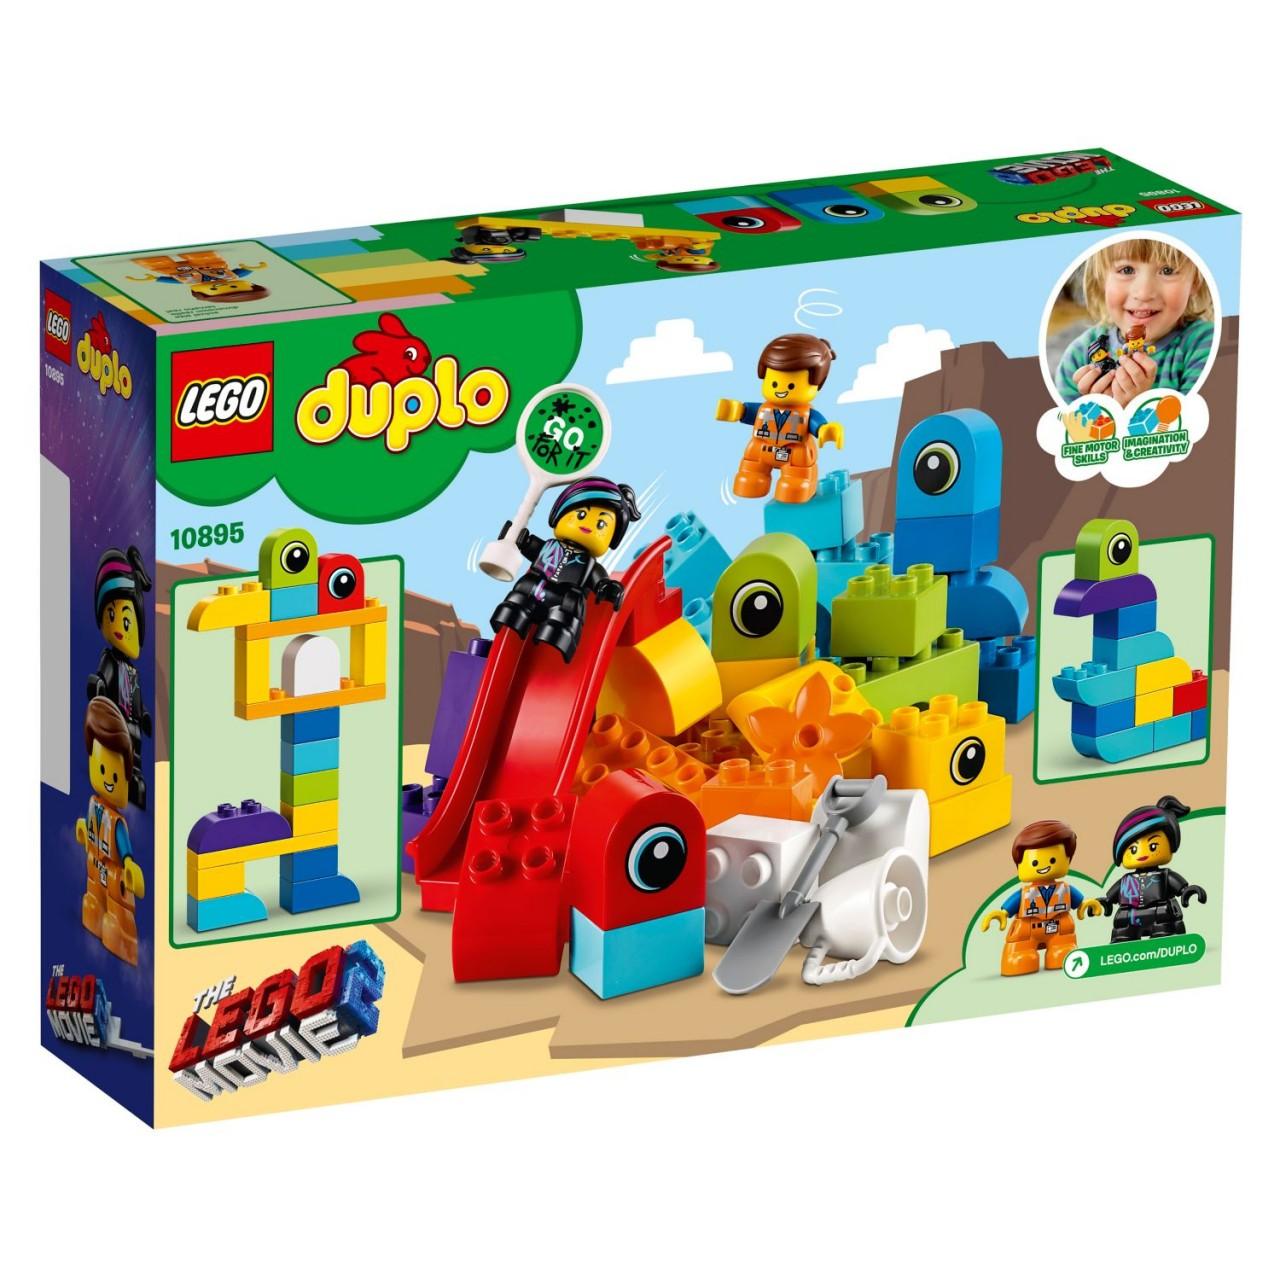 LEGO DUPLO 10895 Besucher vom LEGO DUPLO Planeten